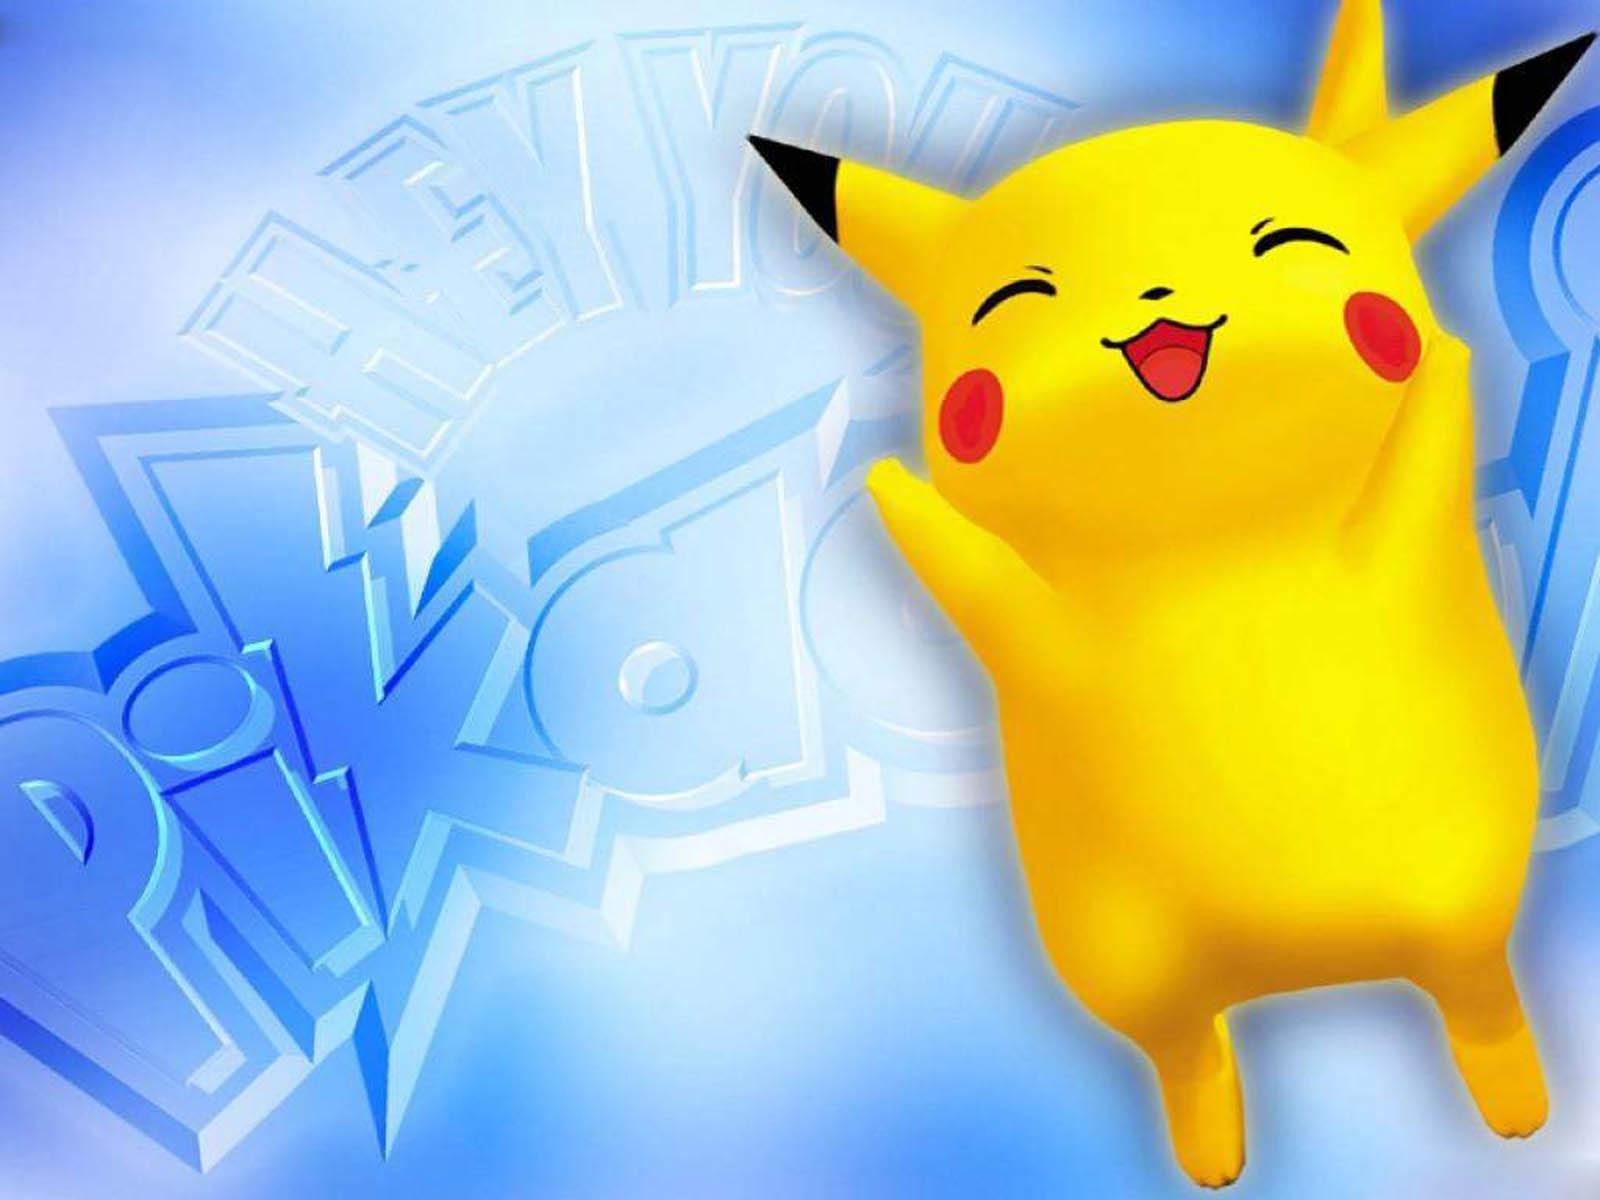 pikachu pokemon wallpaper - photo #15